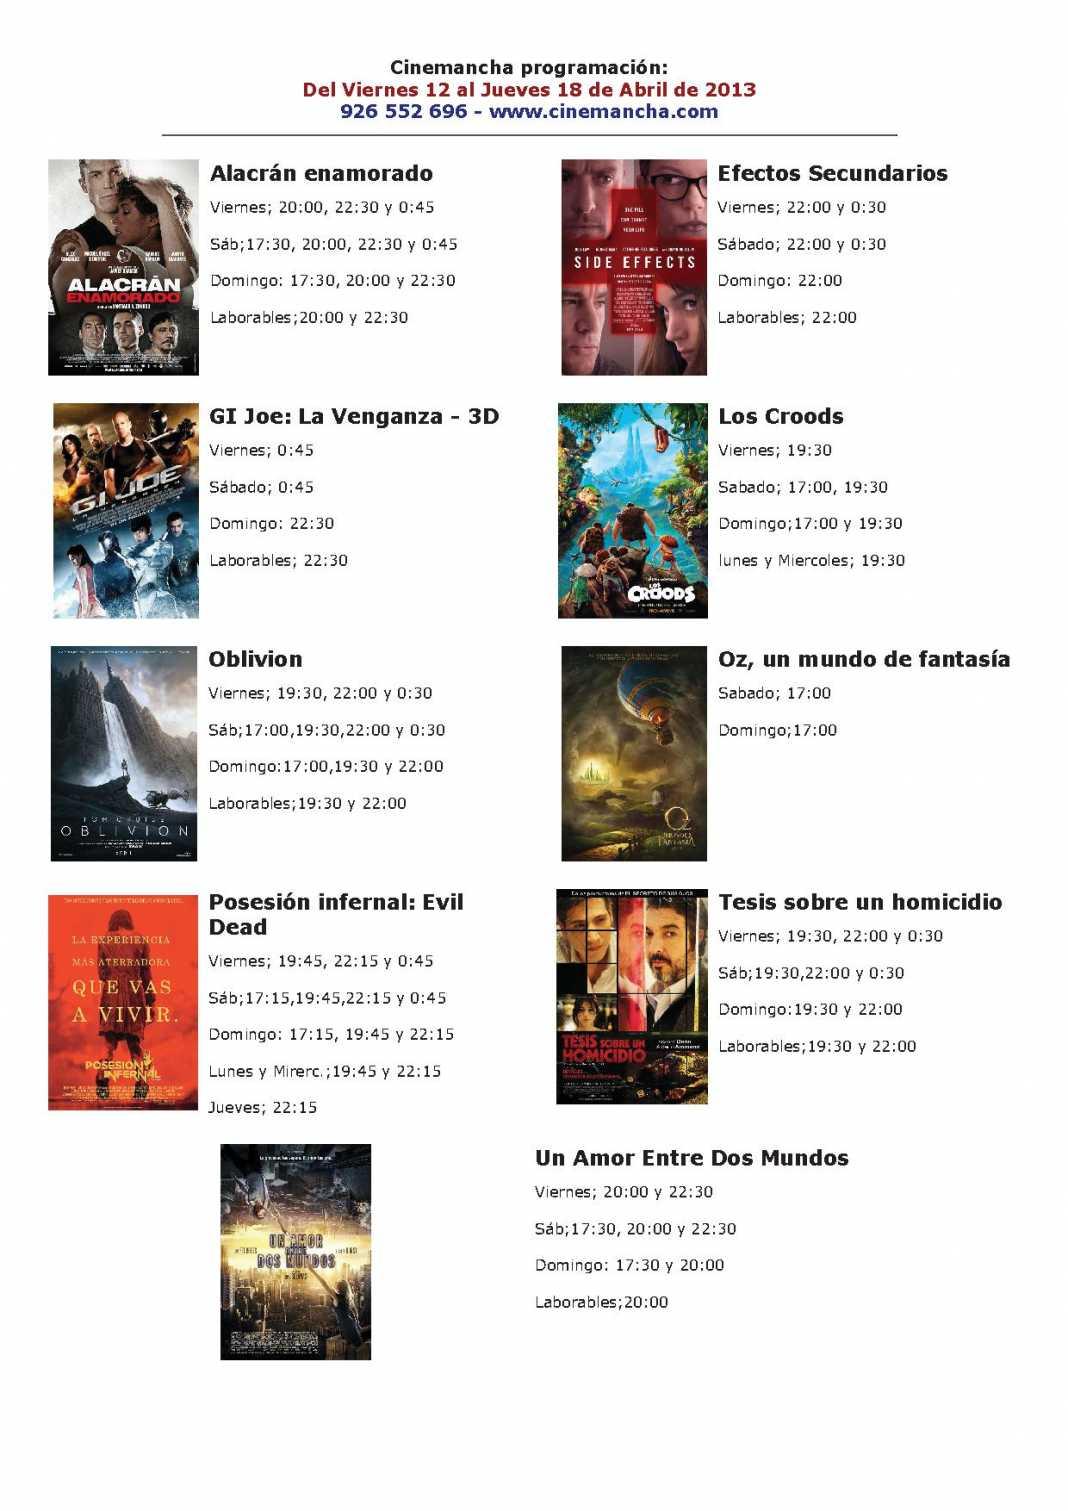 Programación Cinemancha del 12 al 18 de abril. 1